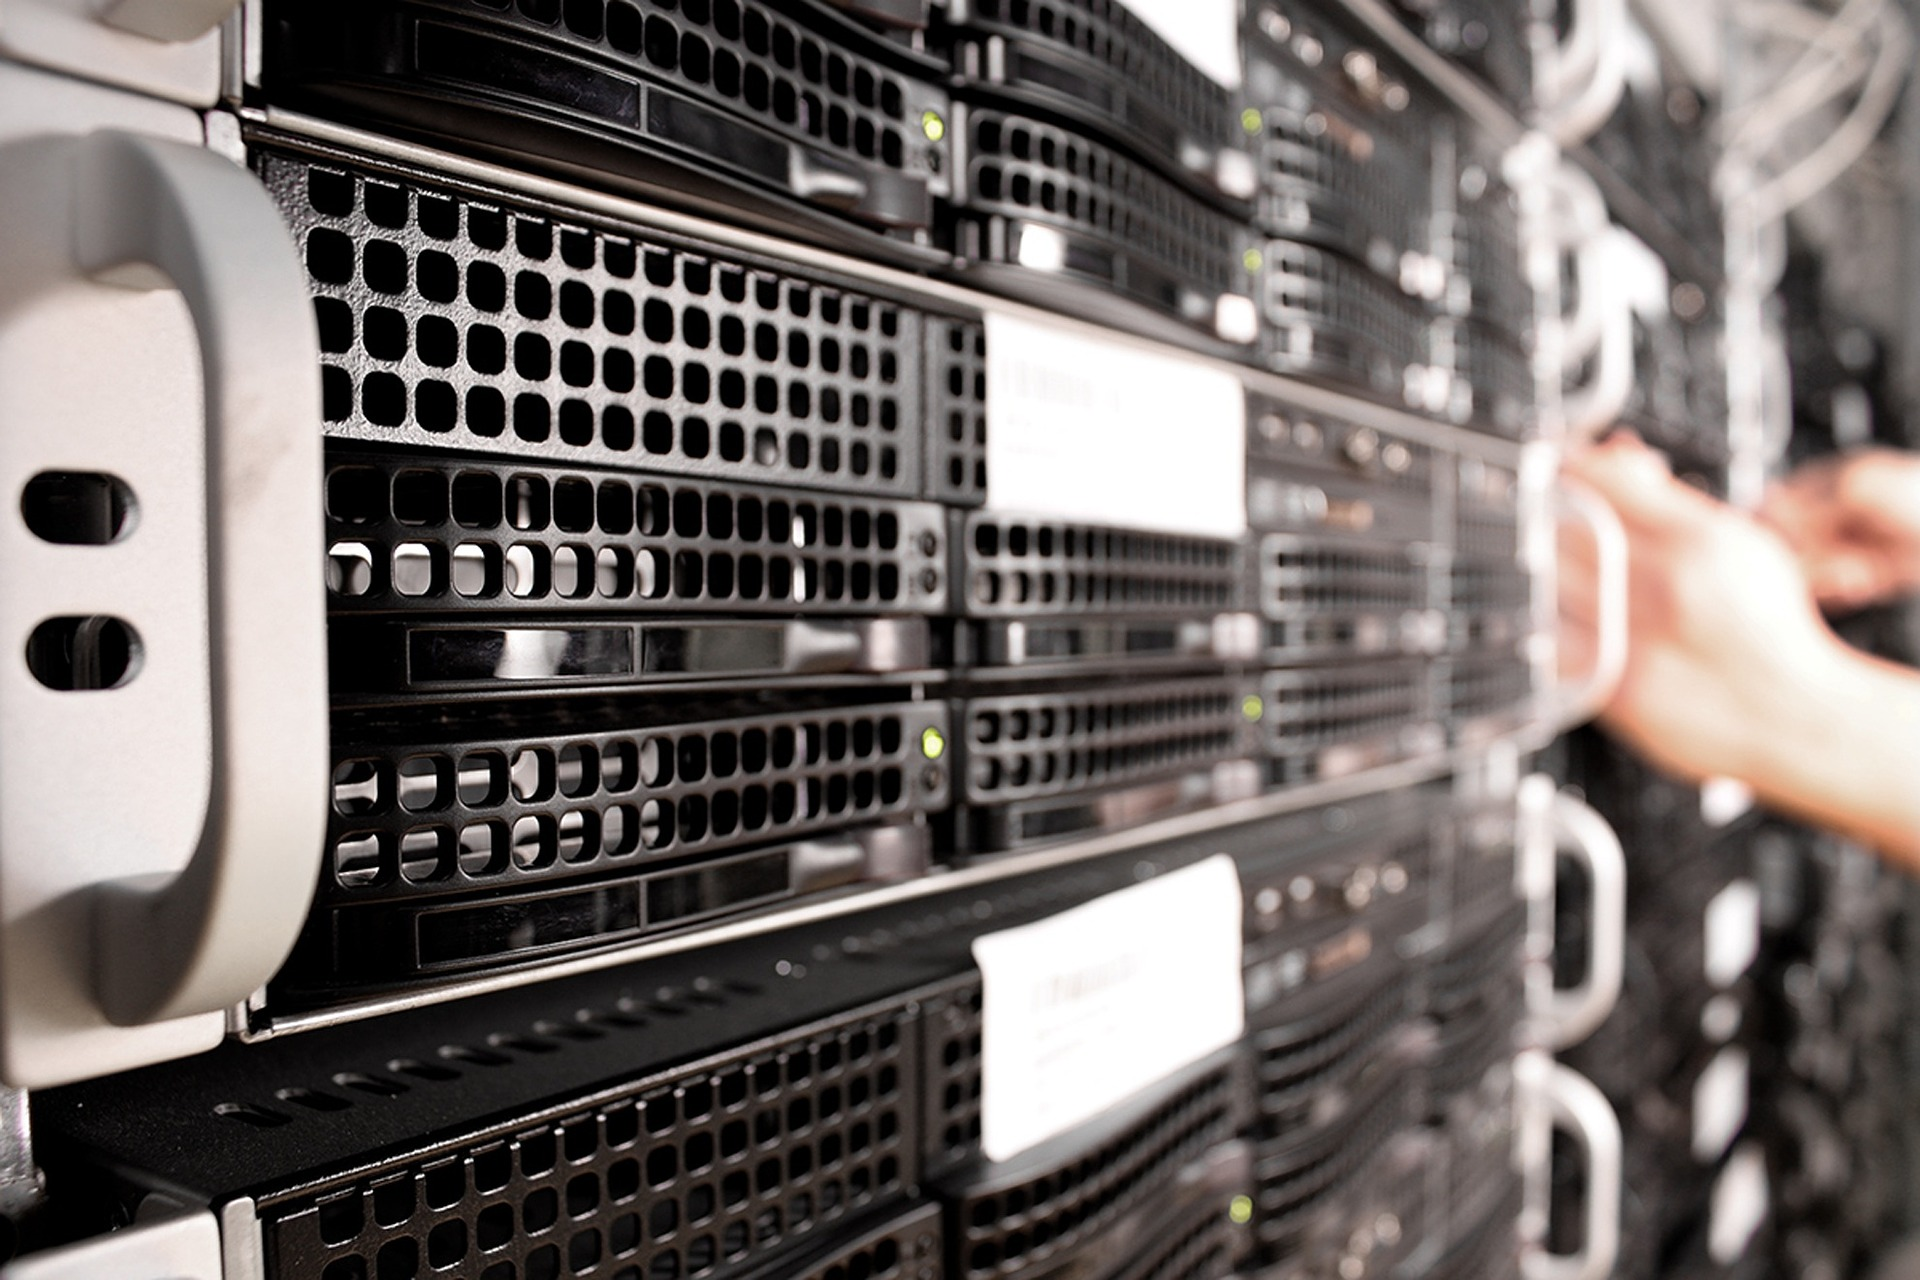 image showing Database Management